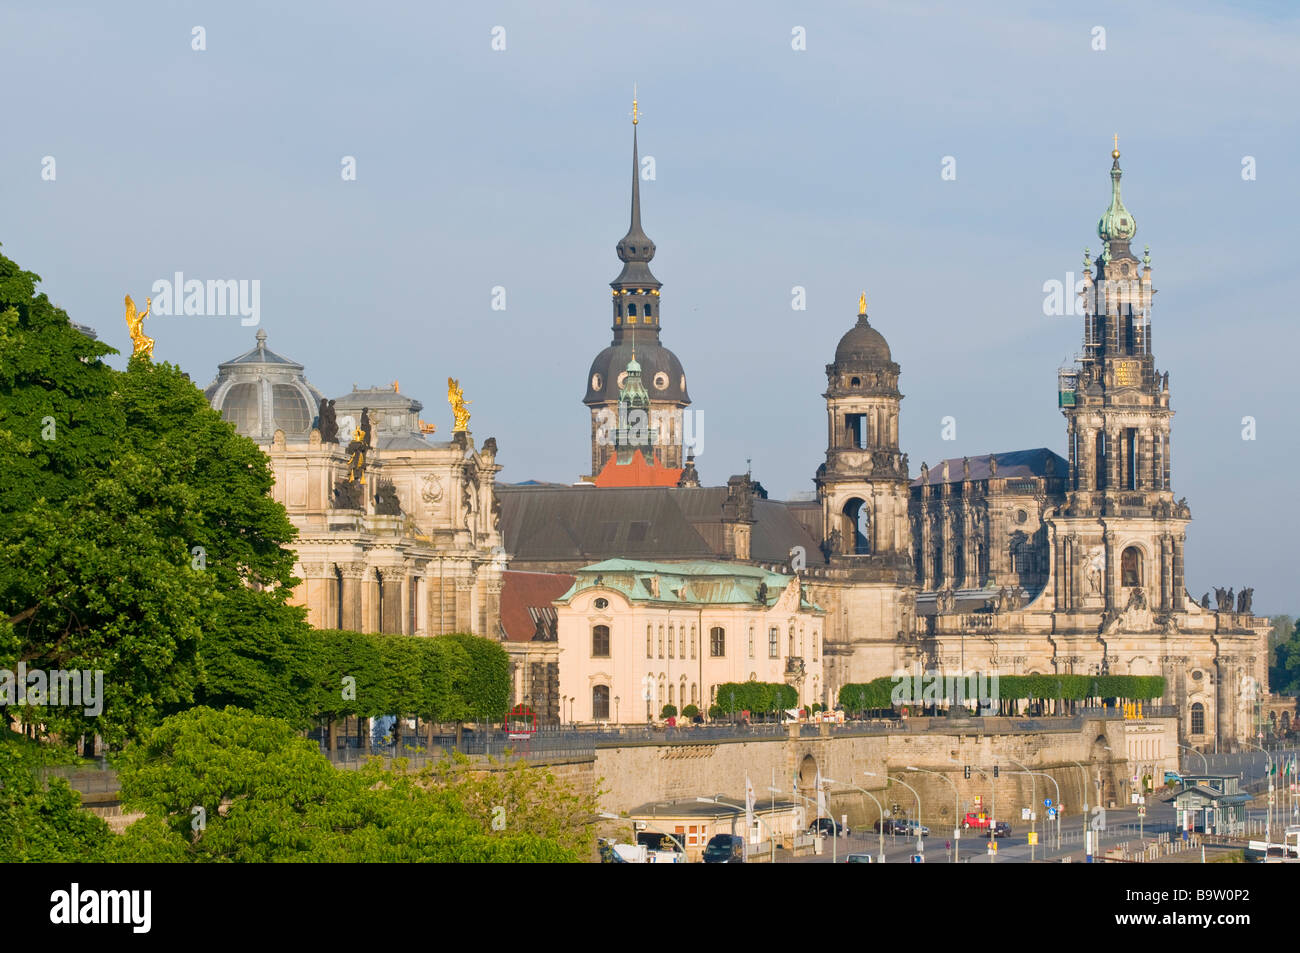 Blick über die Elbe auf barocke Altstadt historische Kulisse Brühlsche Terrasse Dresden Sachsen Deutschland - Stock Image